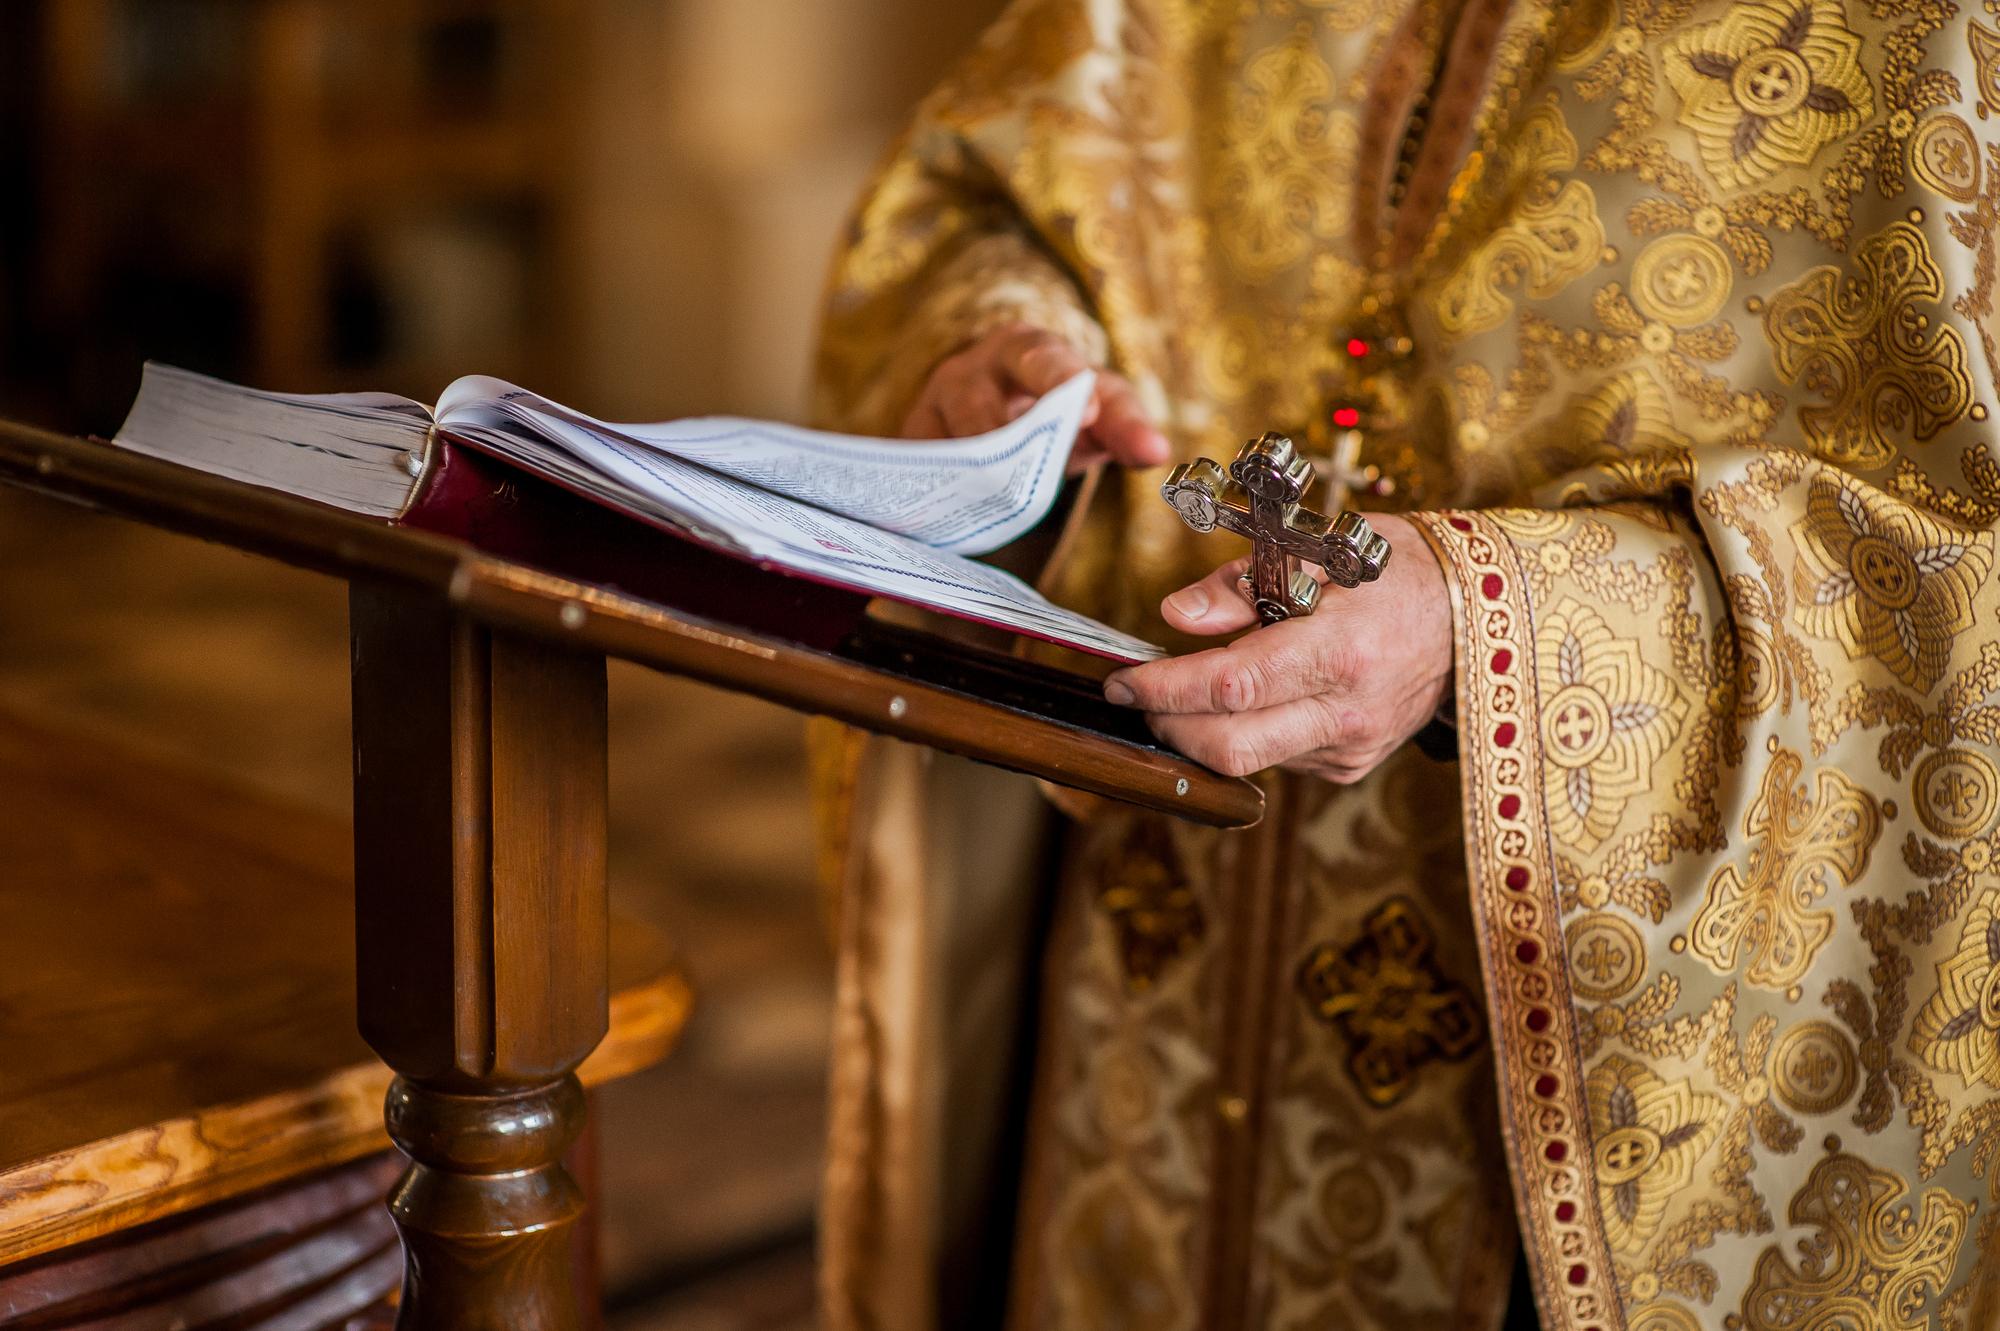 Храмы и церкви в Москве переведут 30% сотрудников на удаленку